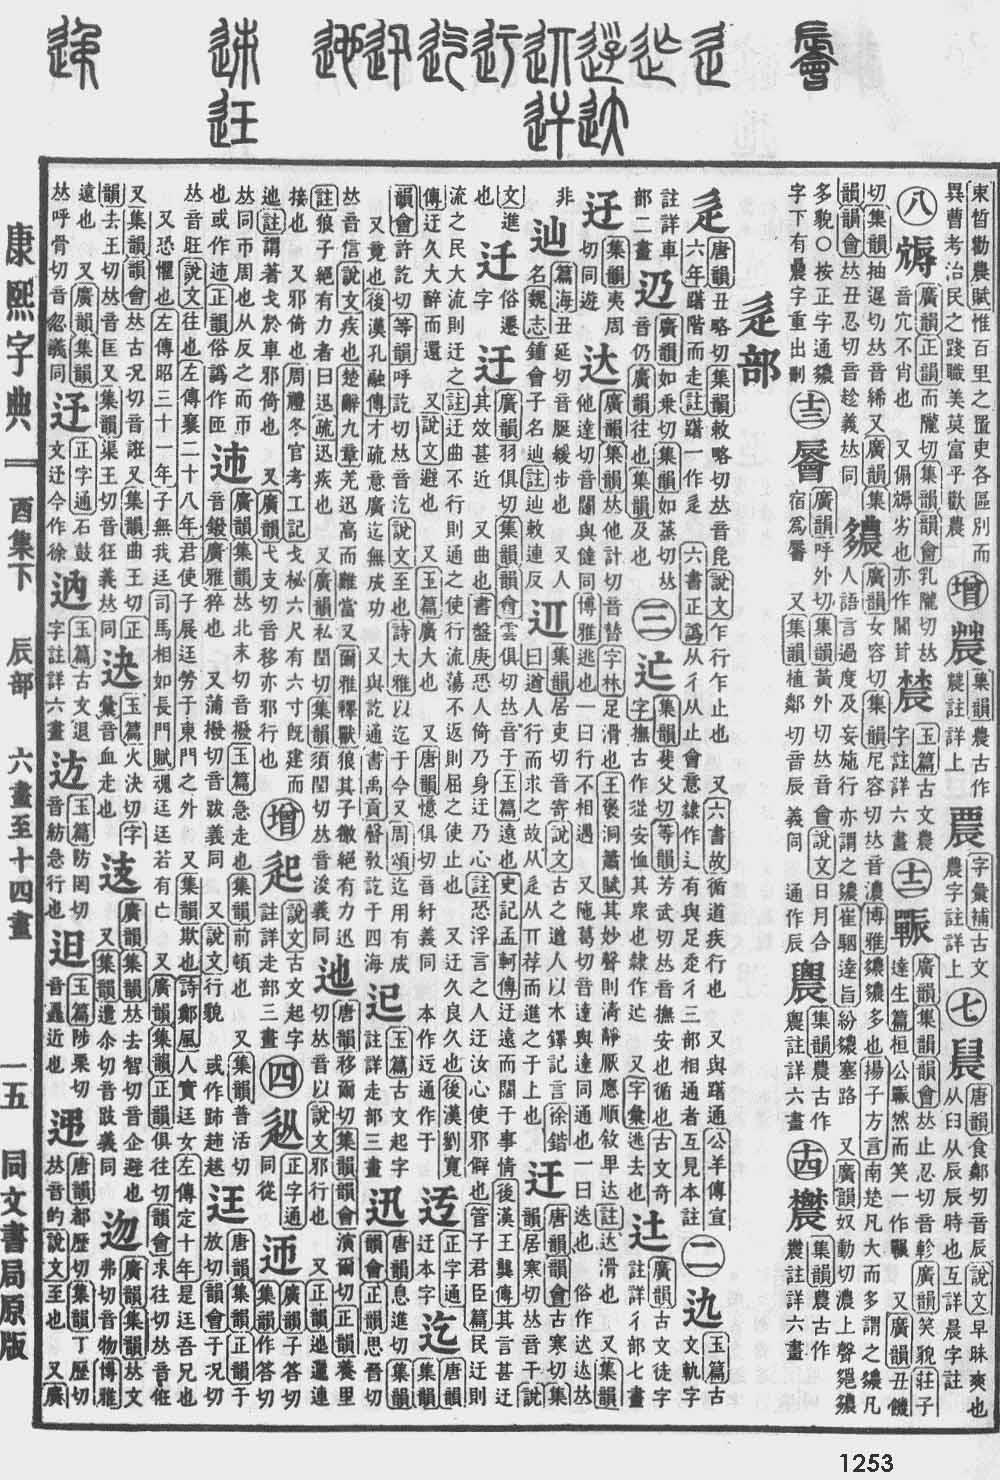 《康熙字典》第1253页